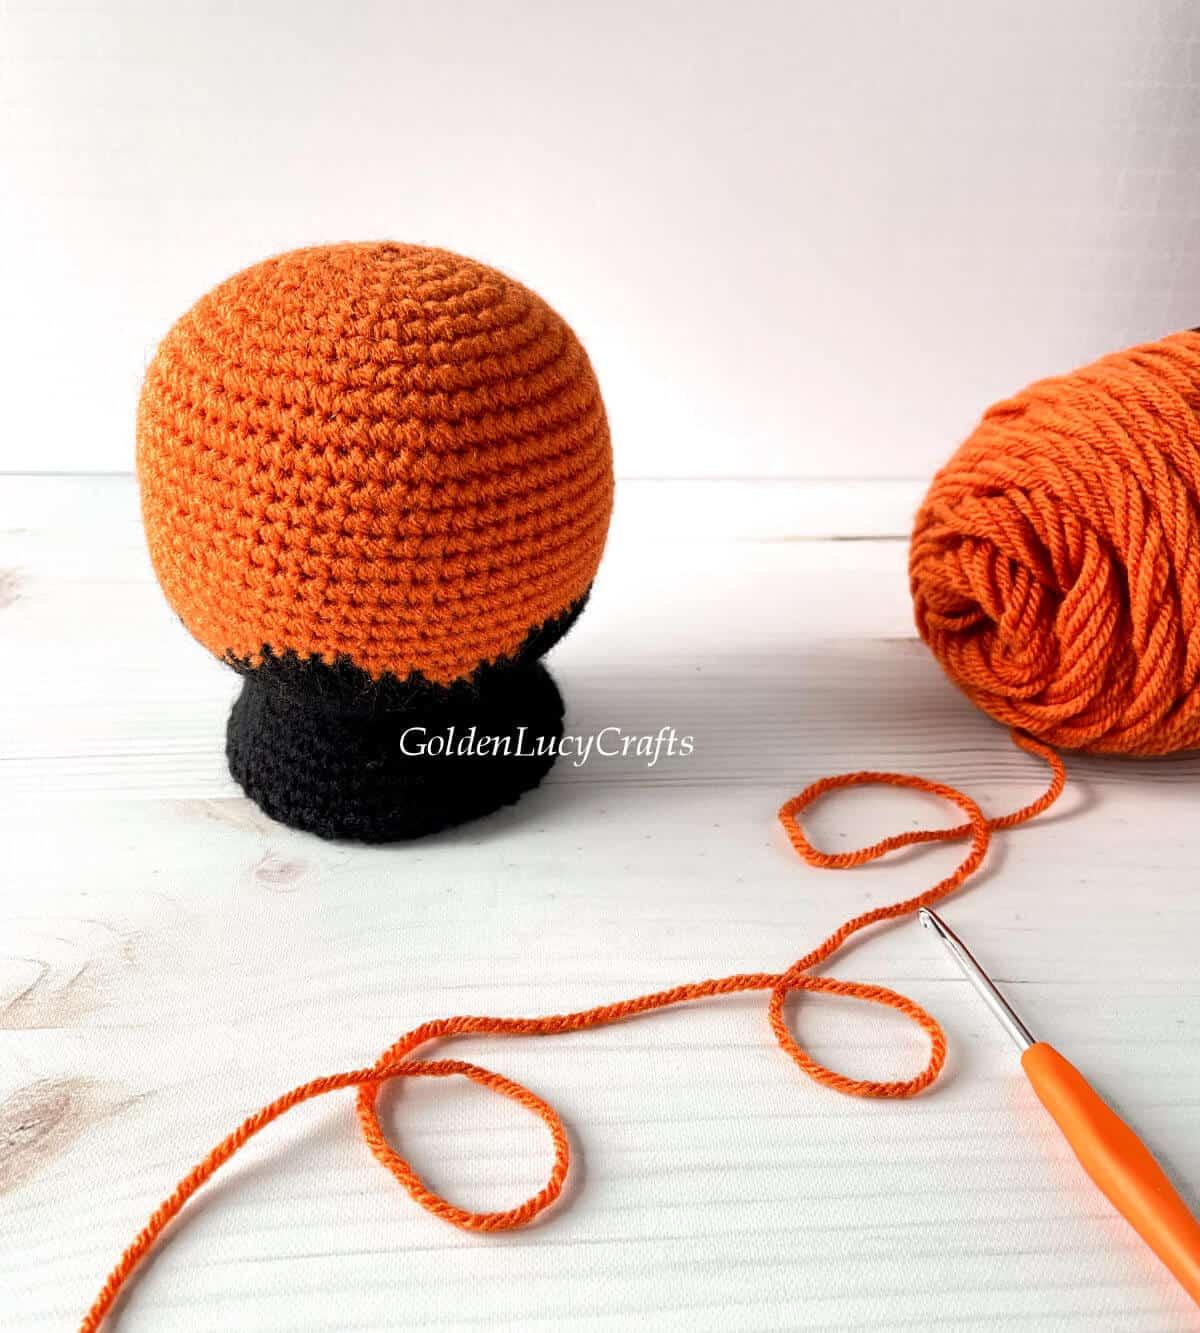 Crocheted snow globe, orange yarn, crochet hook.